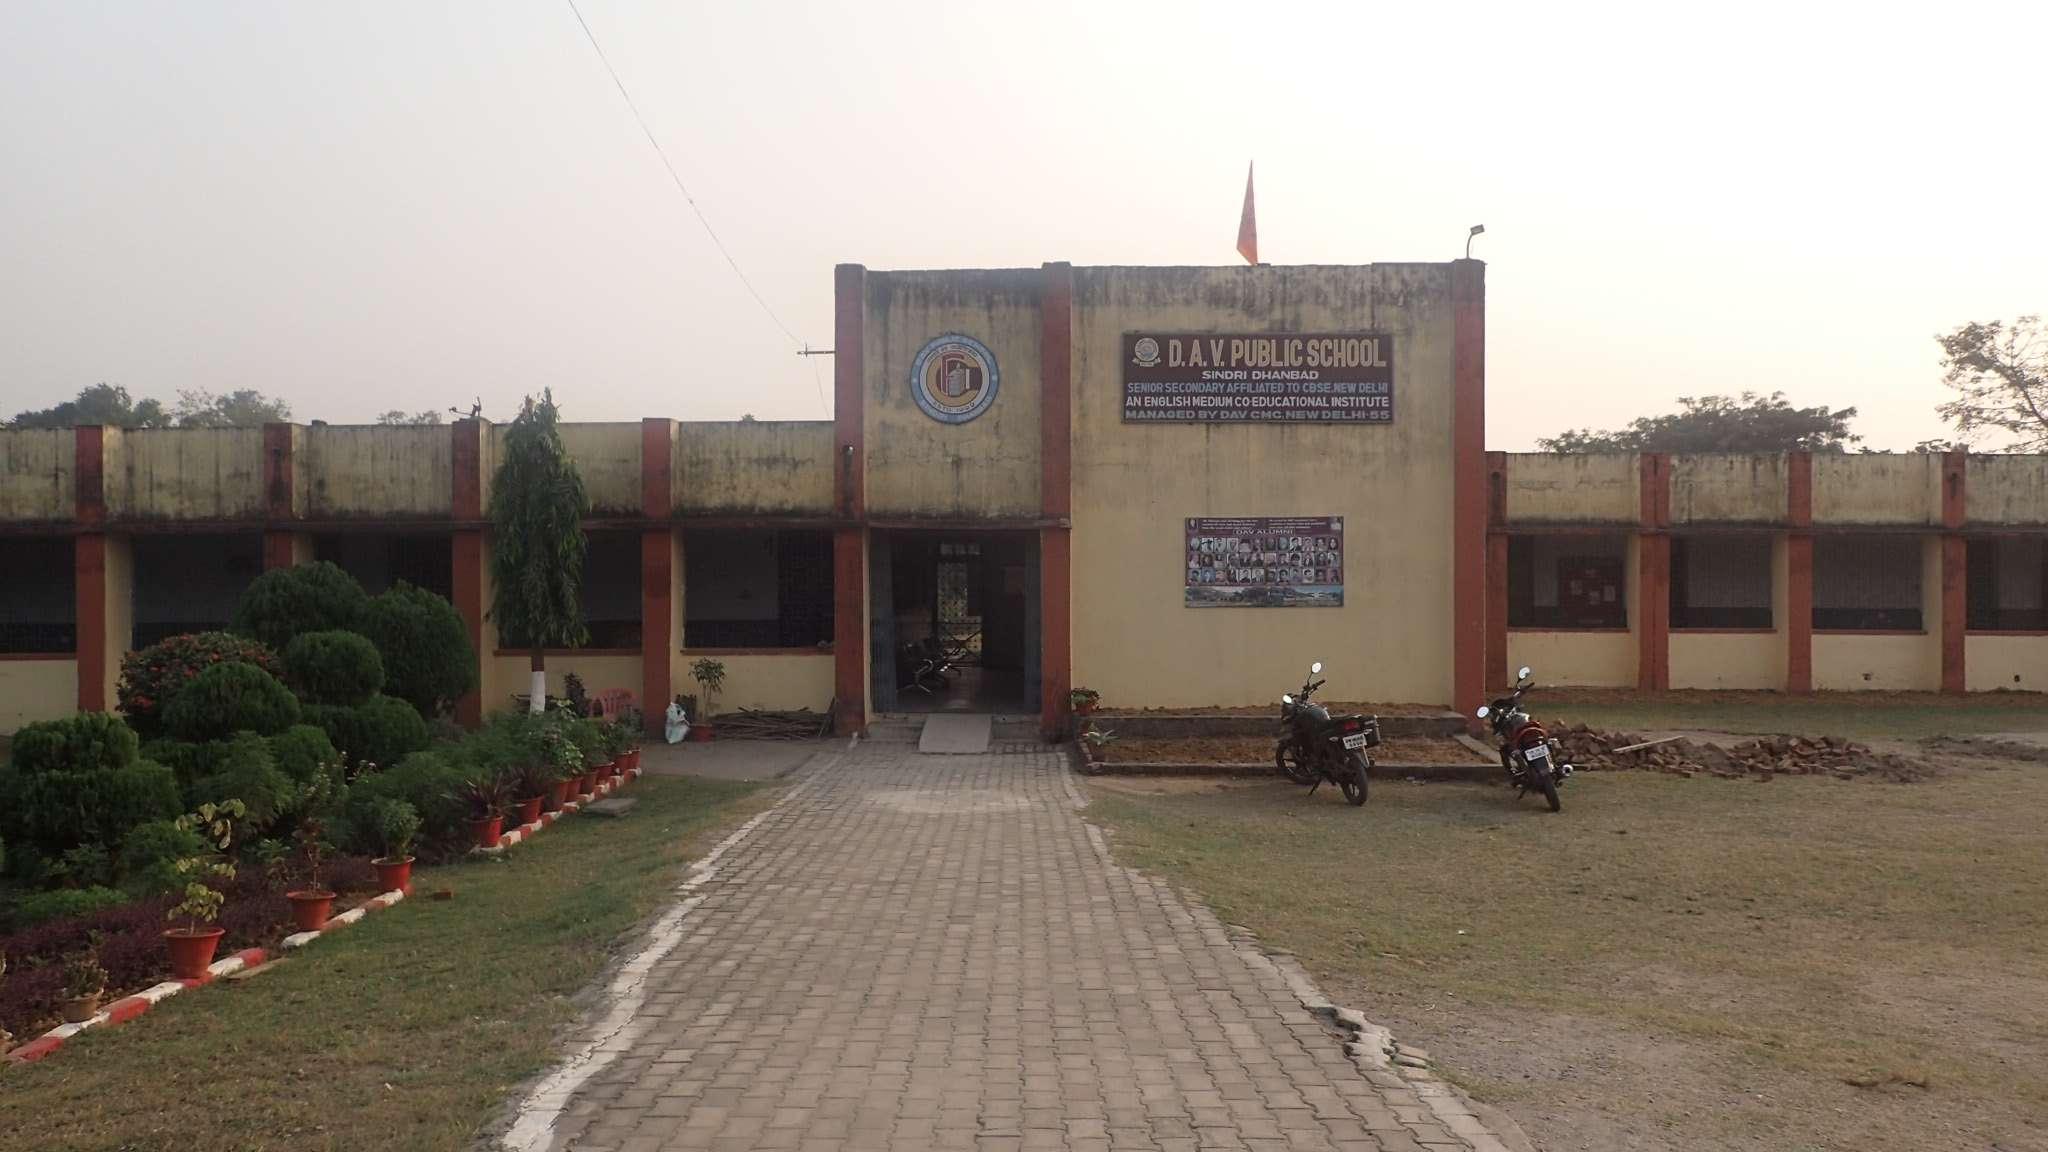 DAV Public School Rangamatia Sindri DAV Public School Rangamatia Sindri 3430246